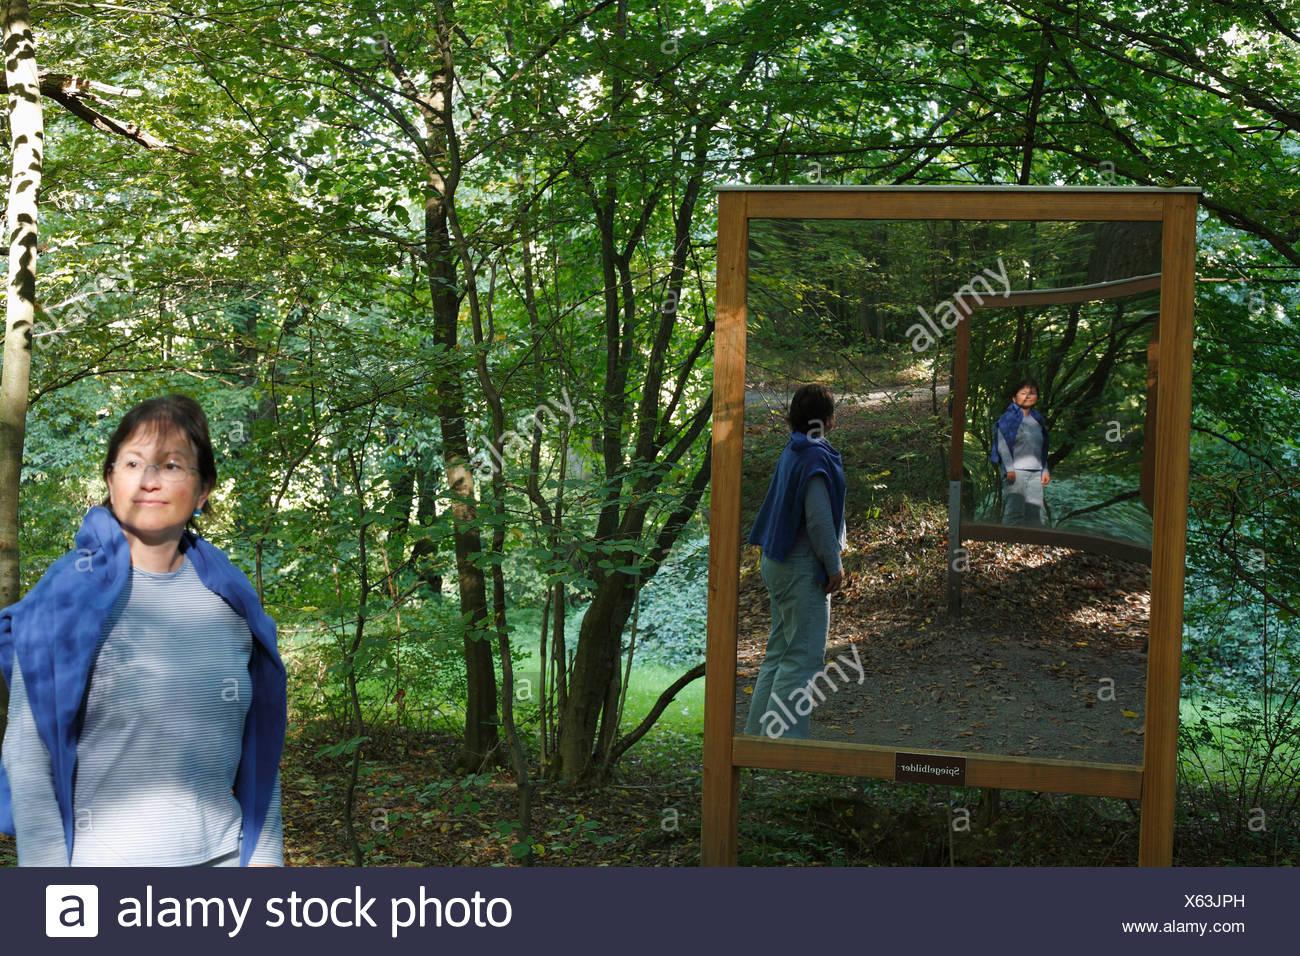 Des images miroir, Weg der Besinnung (façon de réflexions), Bad Kissingen, Rhoen, Franconia, Allemagne Photo Stock